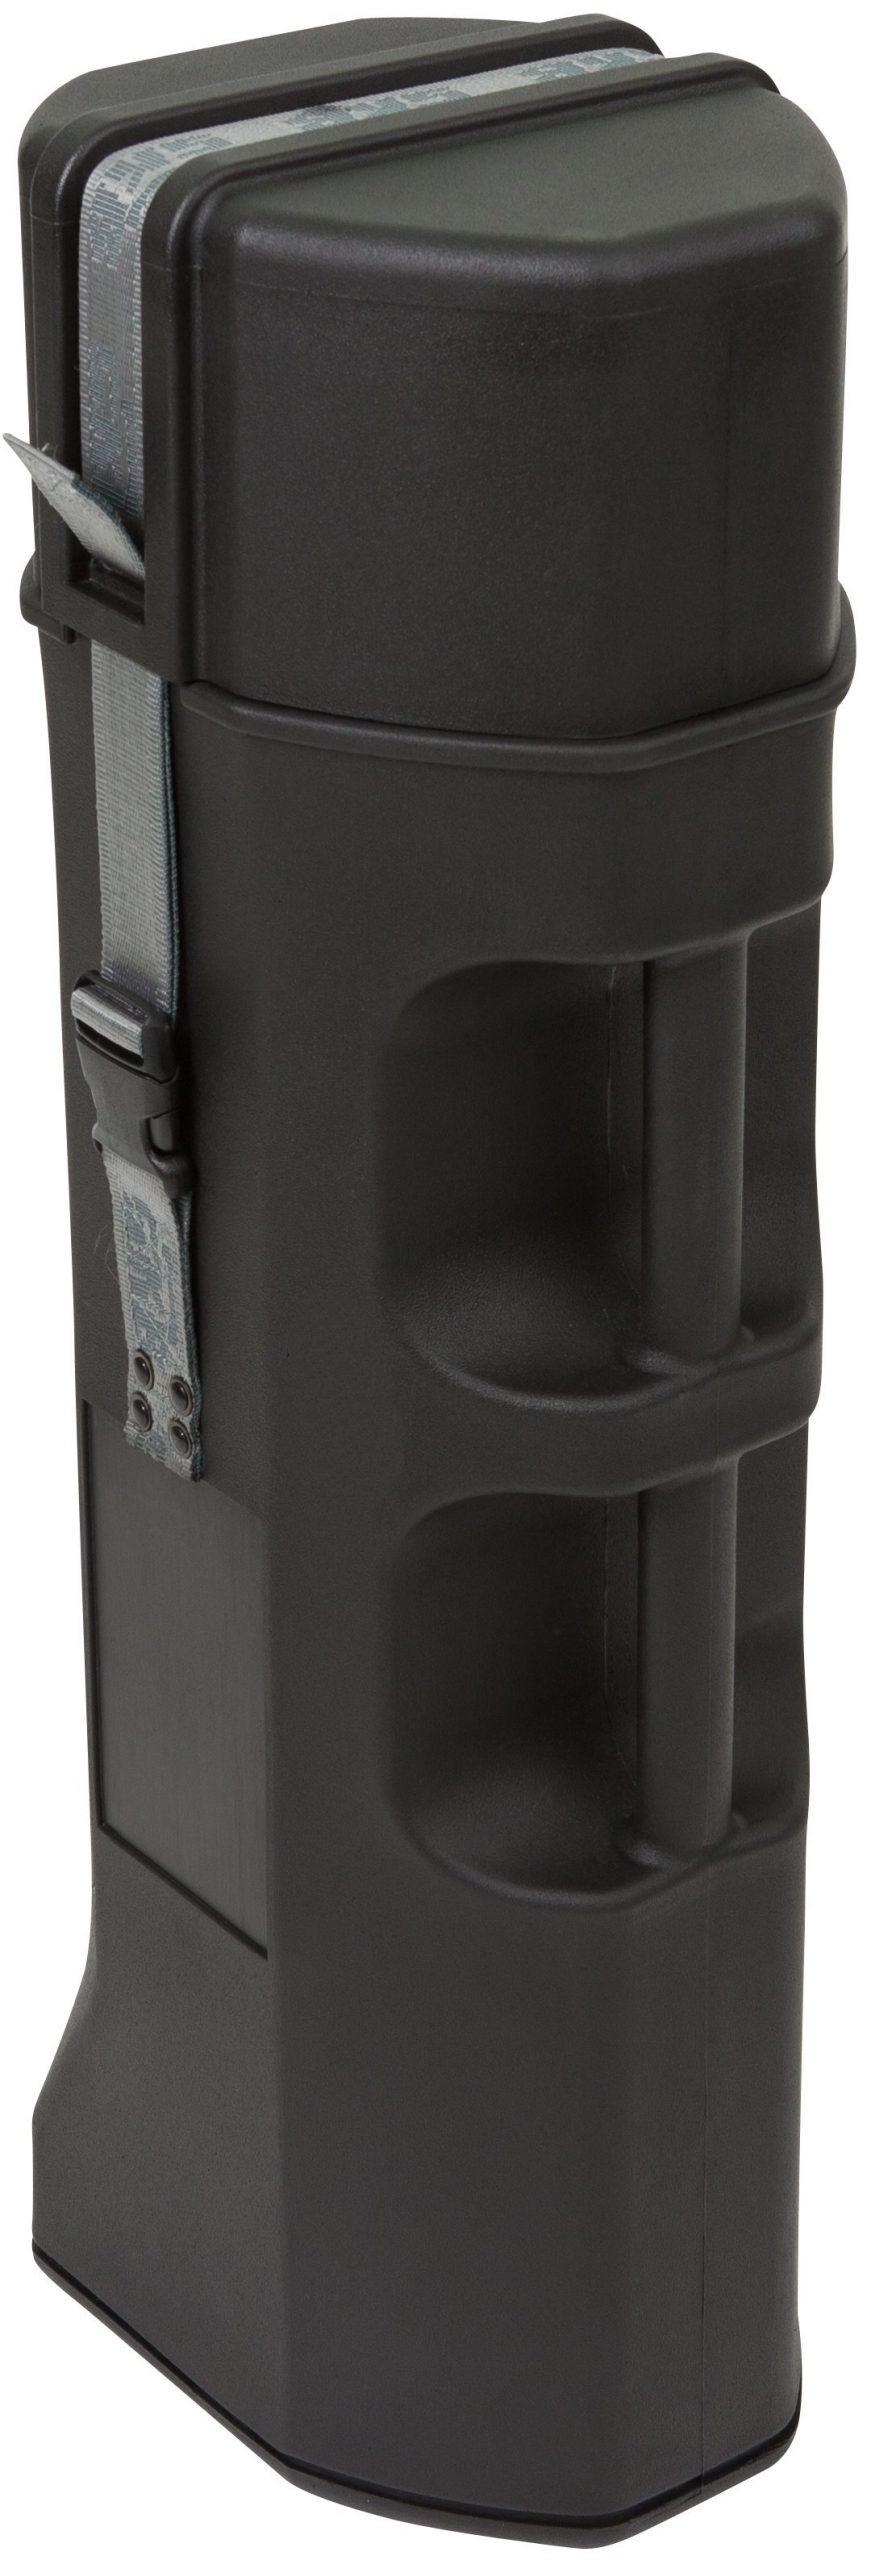 CCR29071SK Case